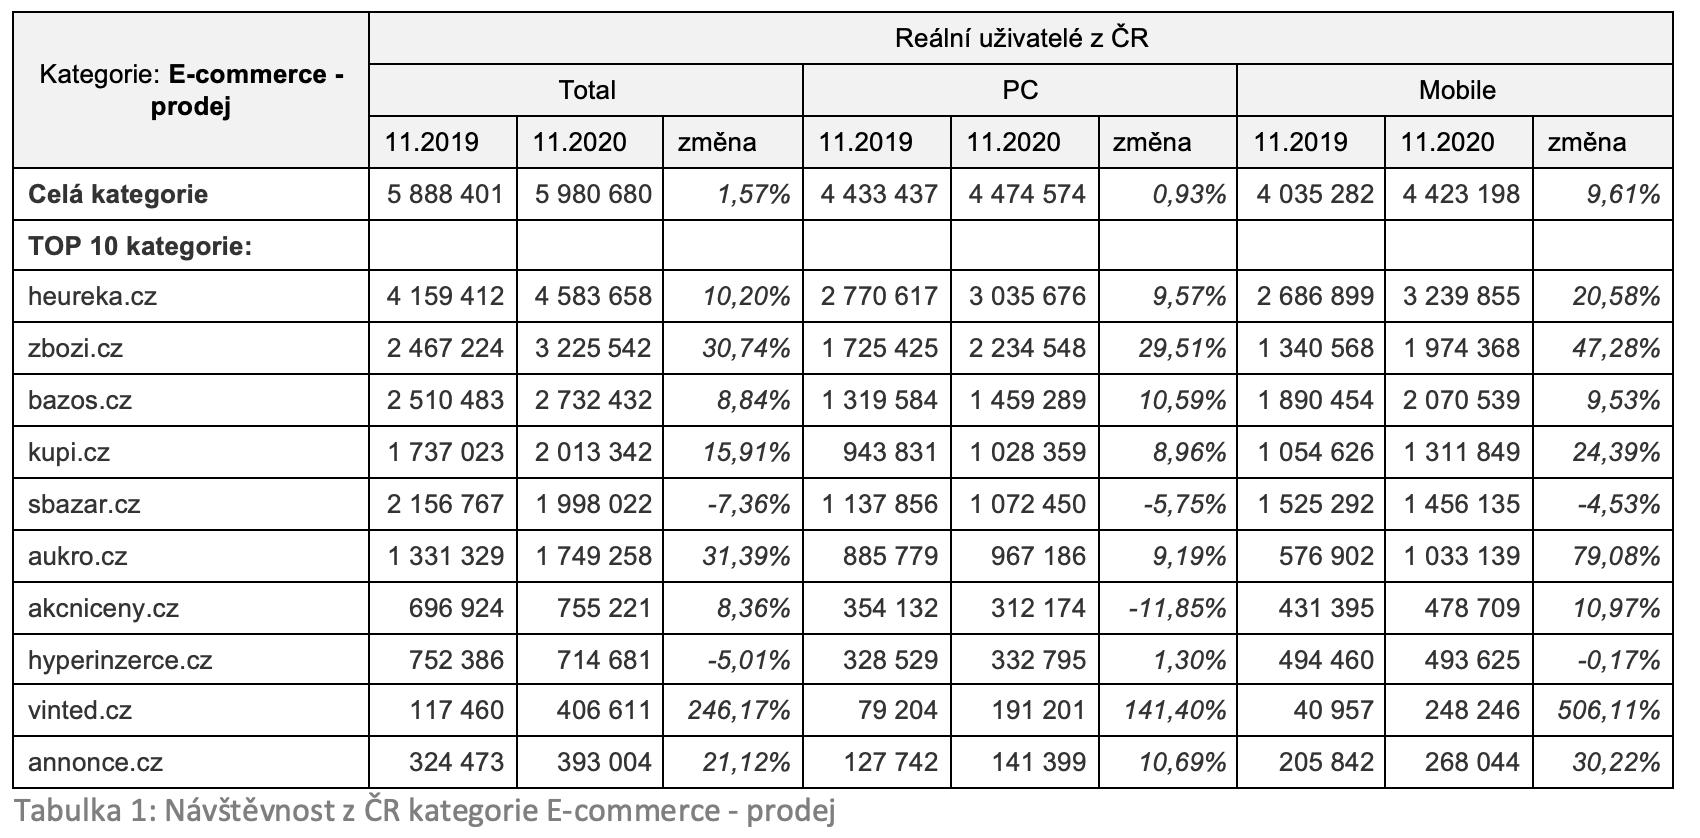 Tabulka 1: Návštěvnost z ČR kategorie E-commerce - prodej